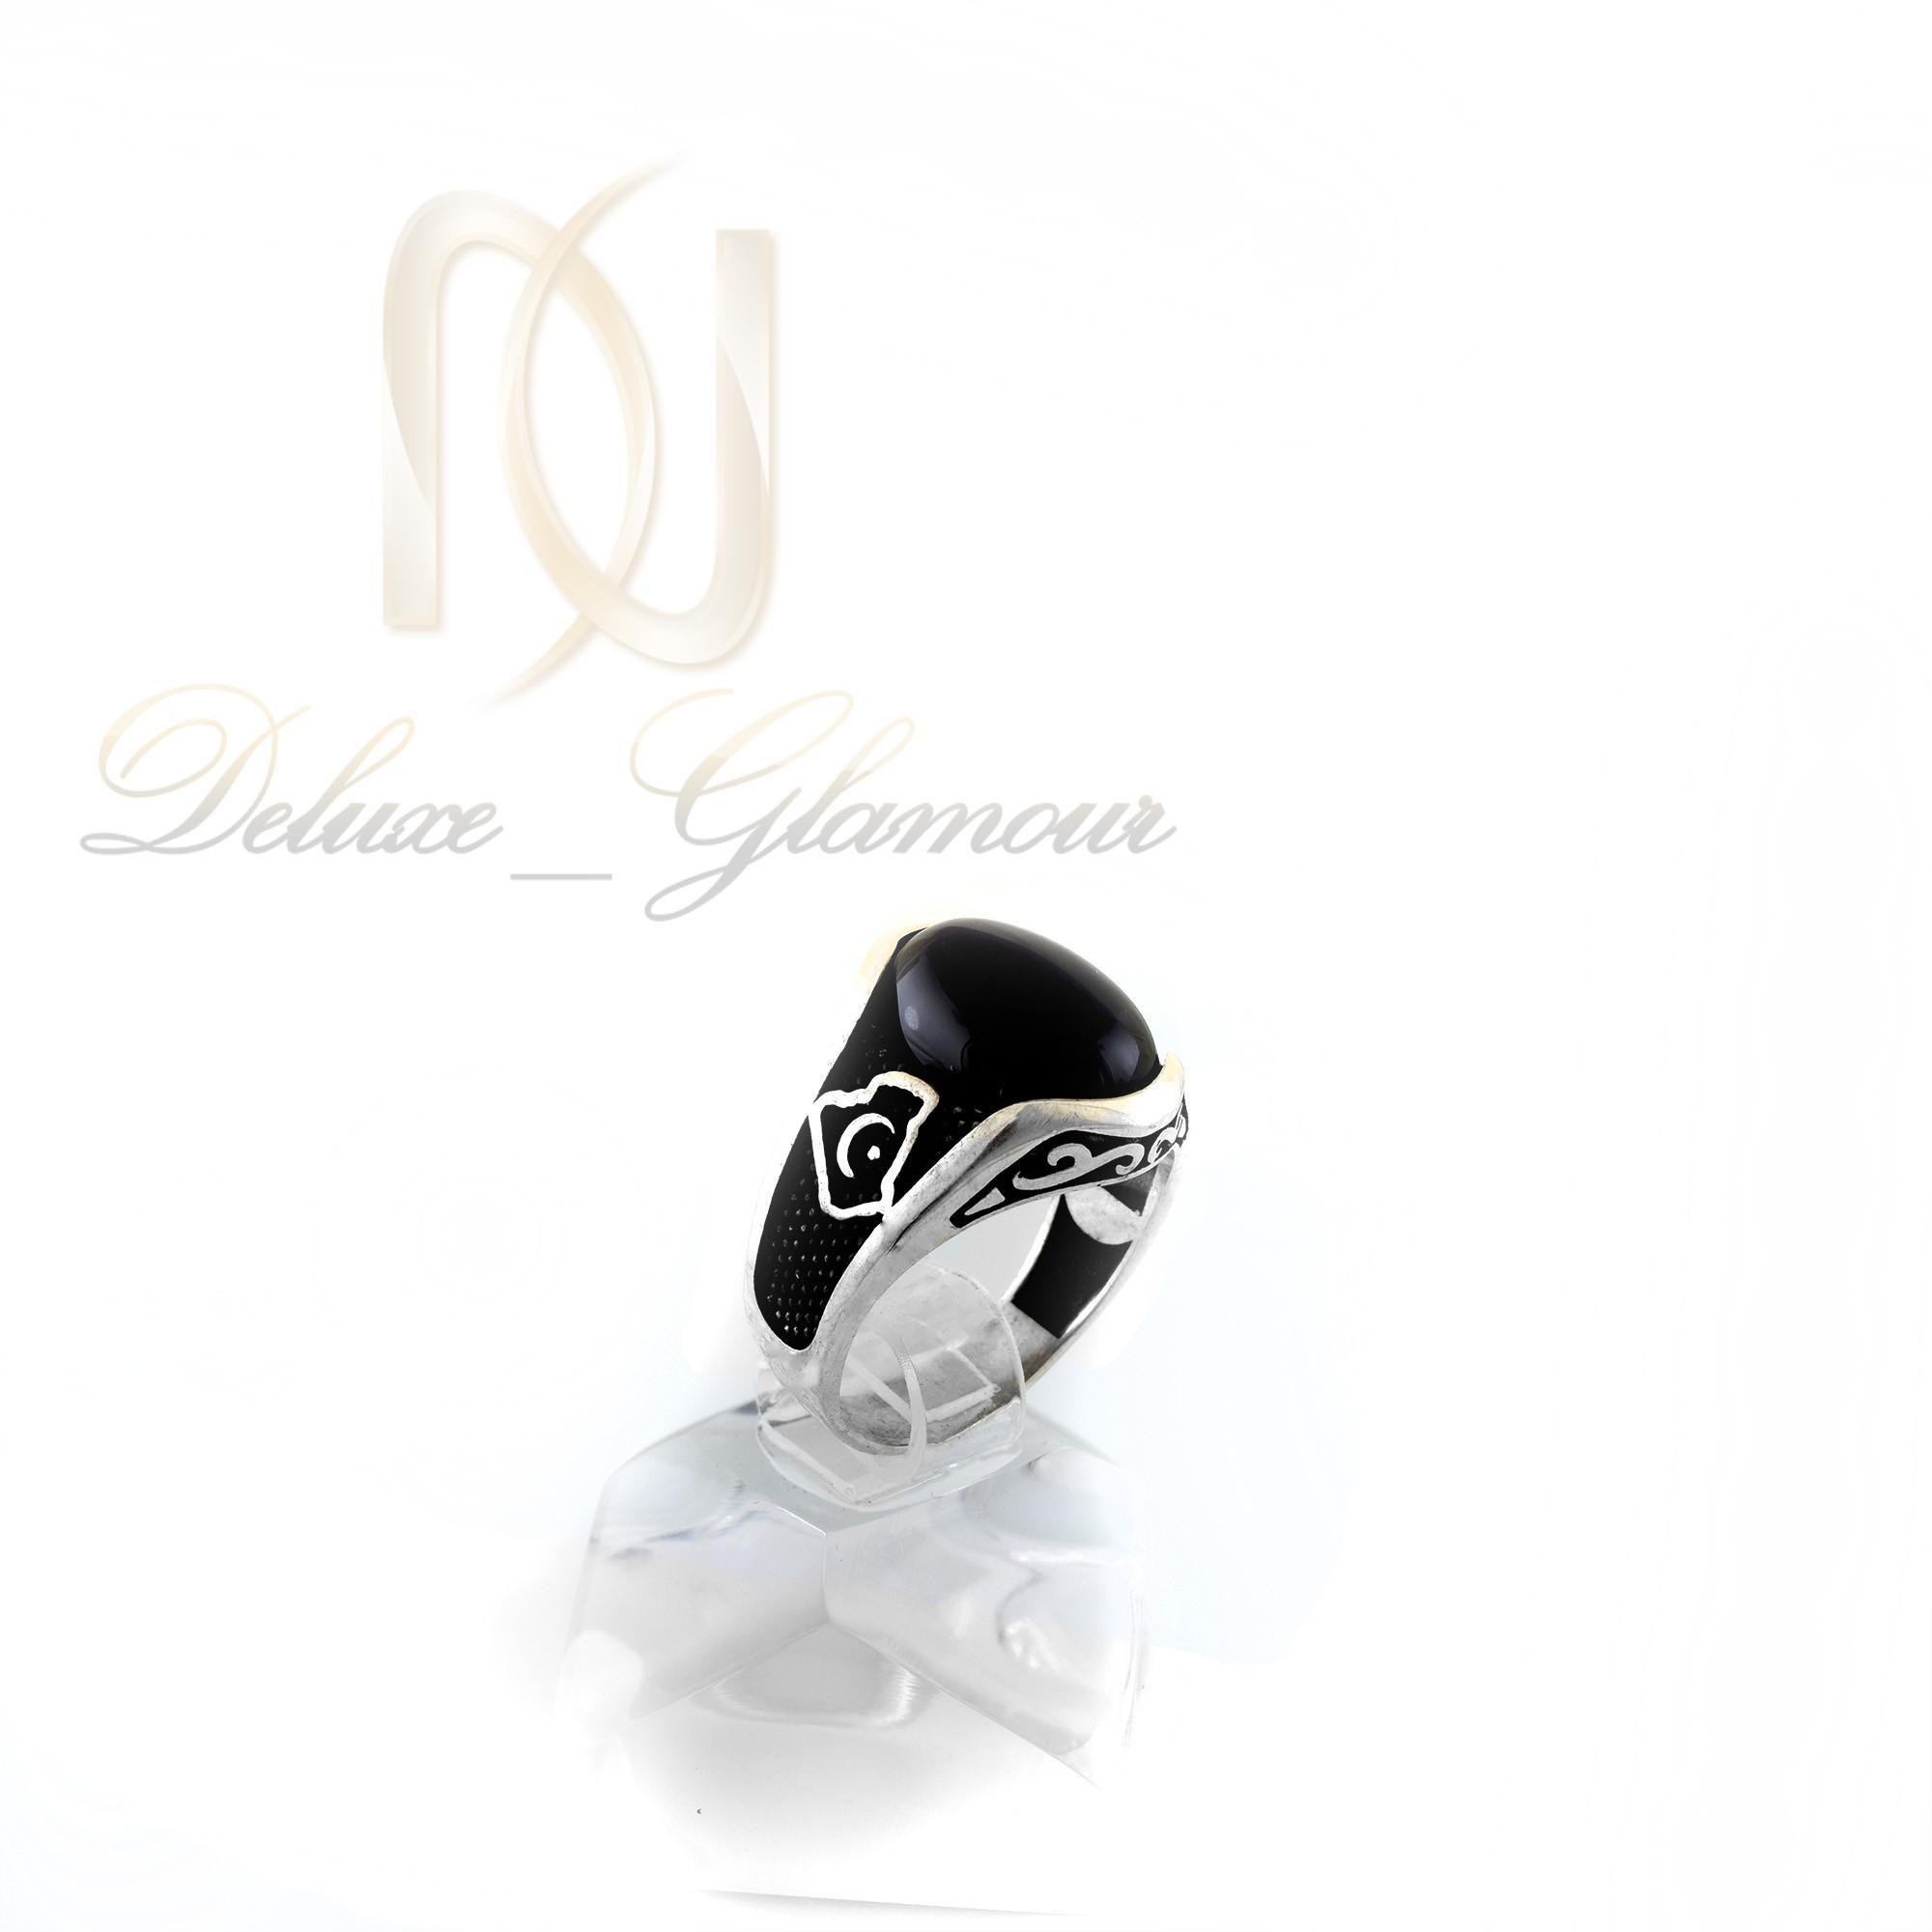 انگشتر مردانه نقره با سنگ عقیق مشکی rg-n289 از نمای روبرو